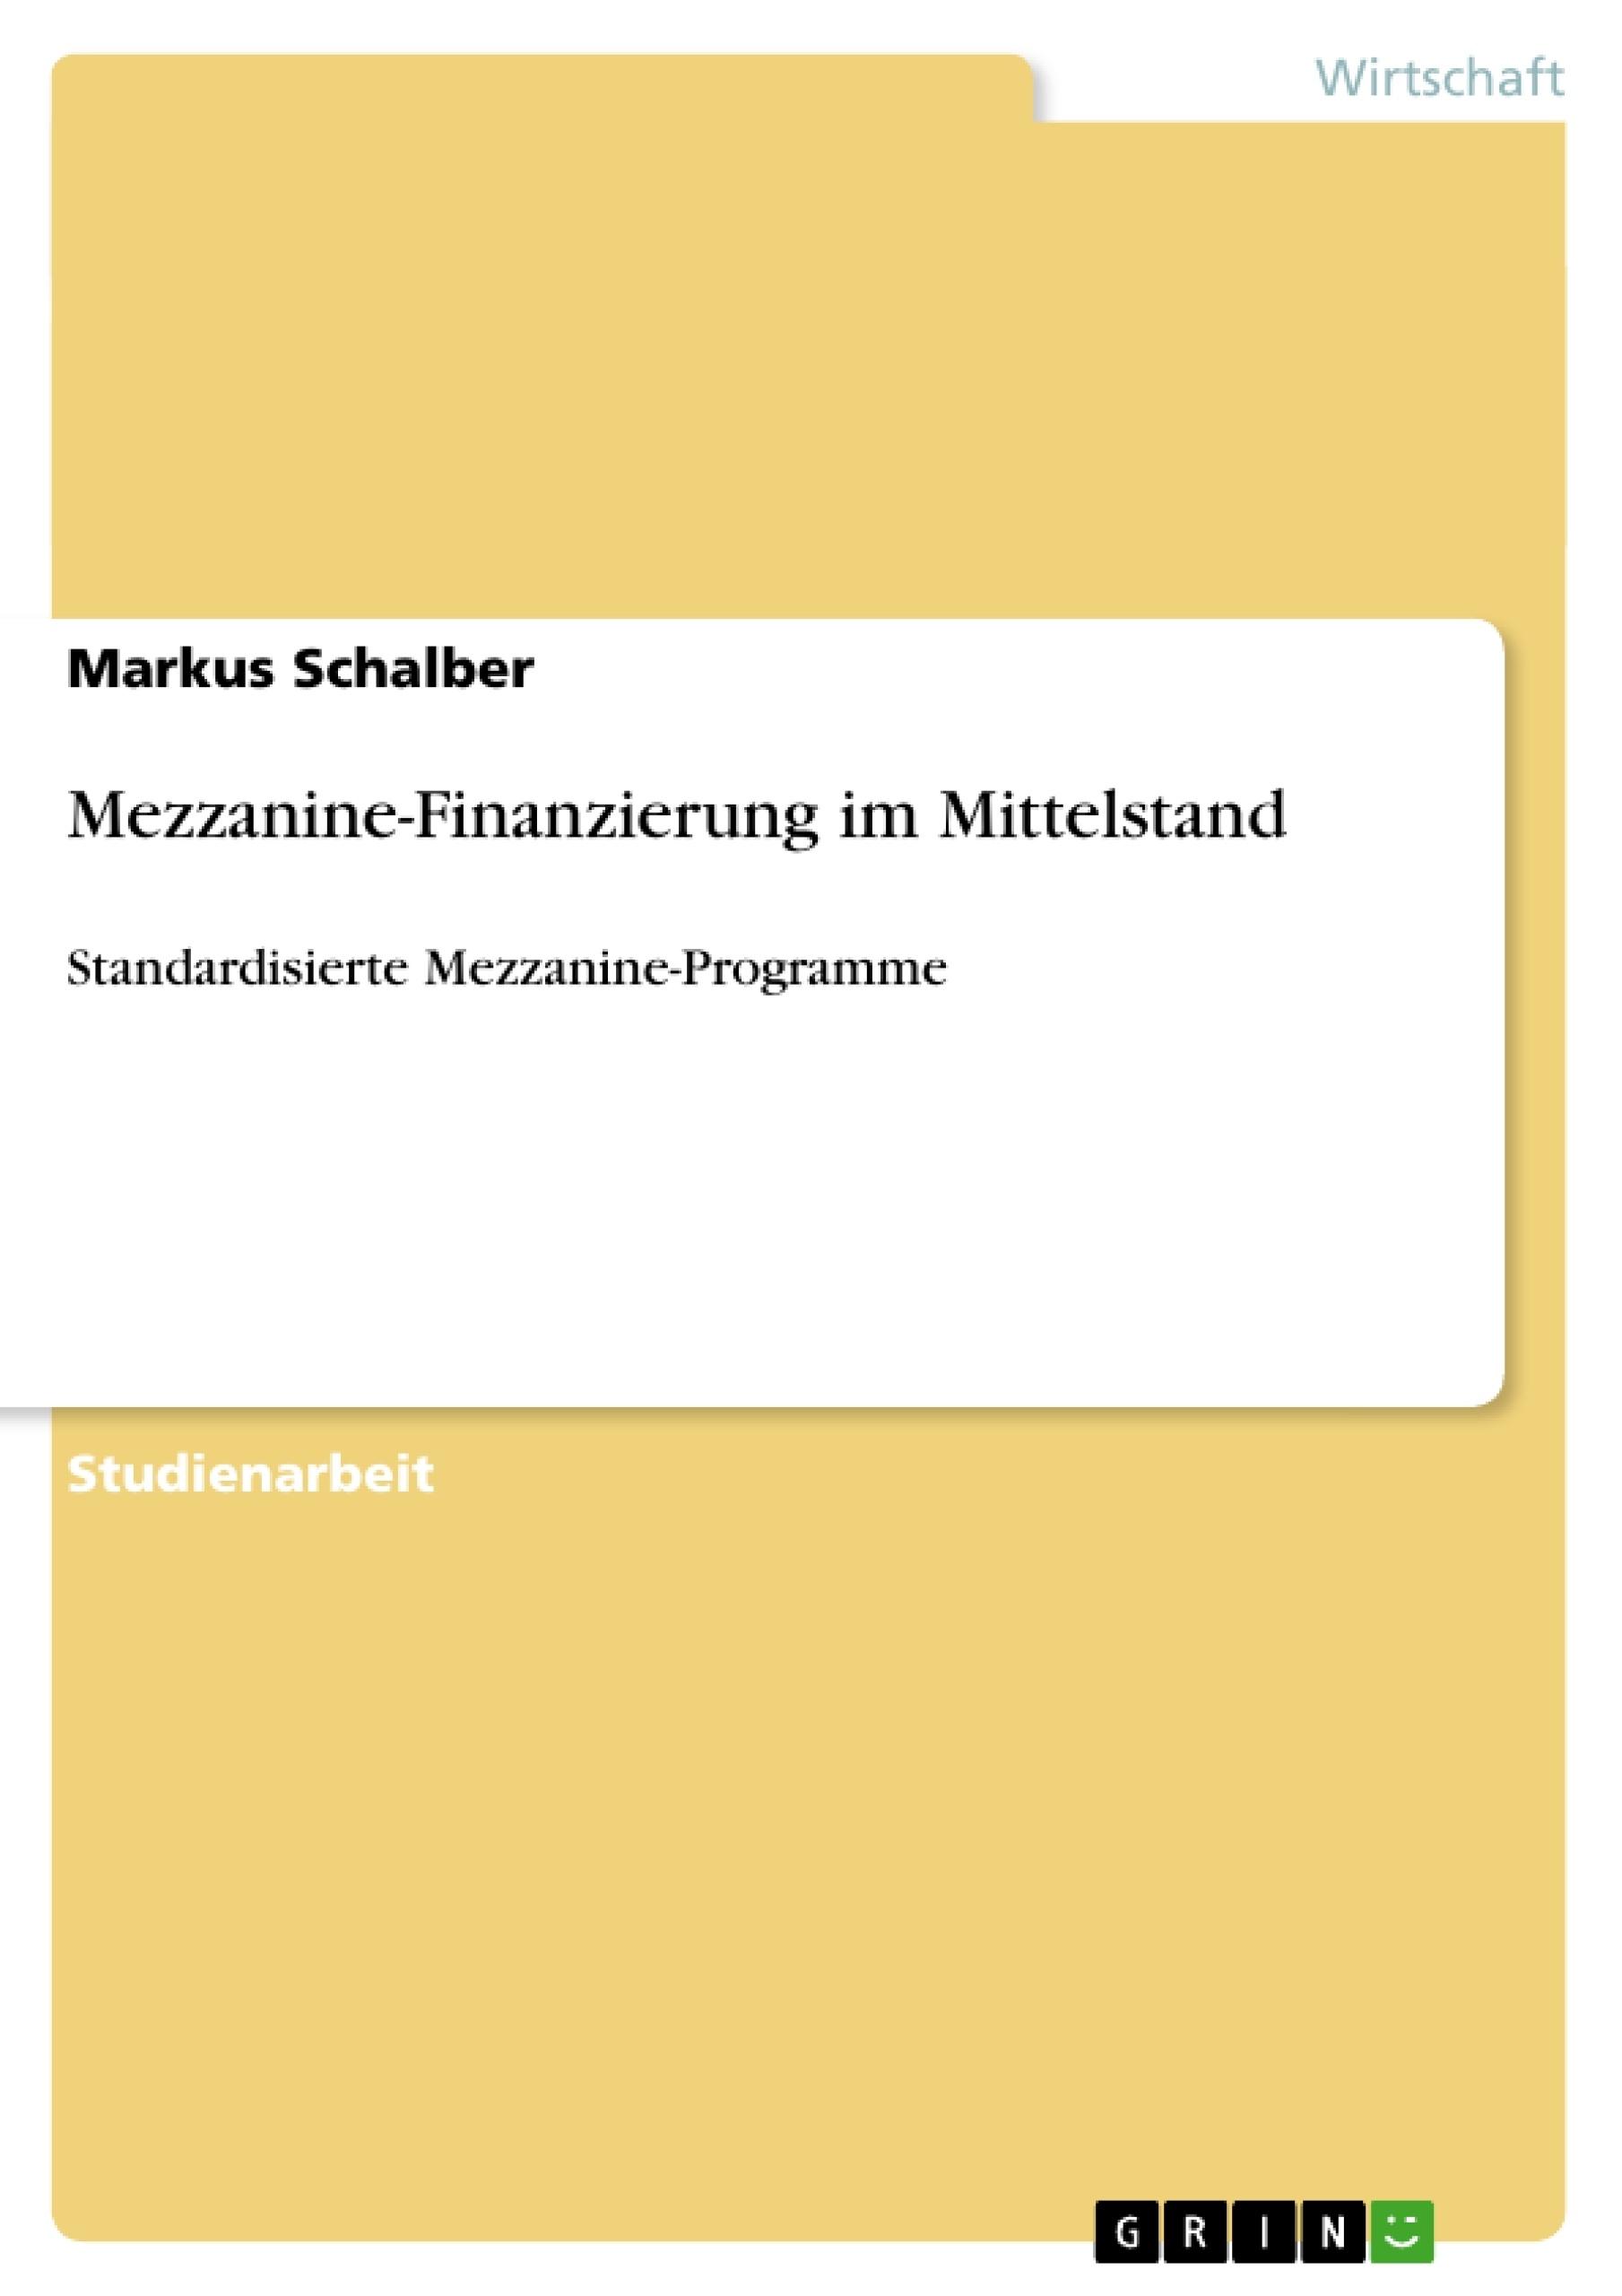 Titel: Mezzanine-Finanzierung im Mittelstand